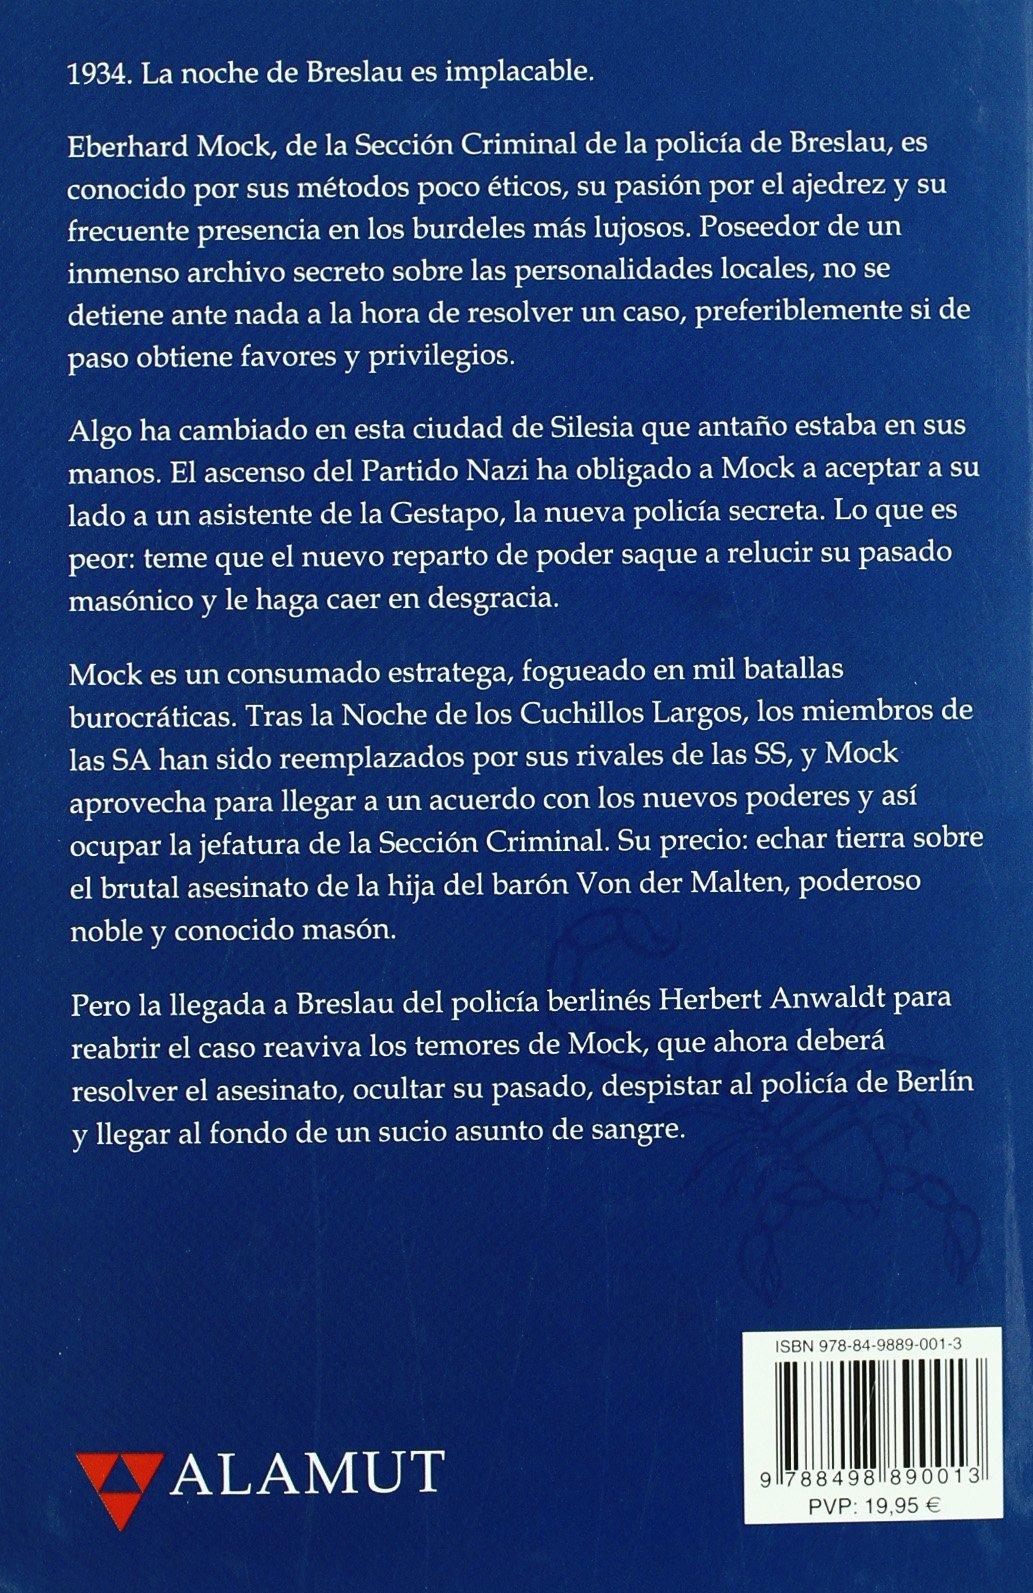 Muerte en Breslau (Alamut Serie Histórica): Amazon.es: Marek ...